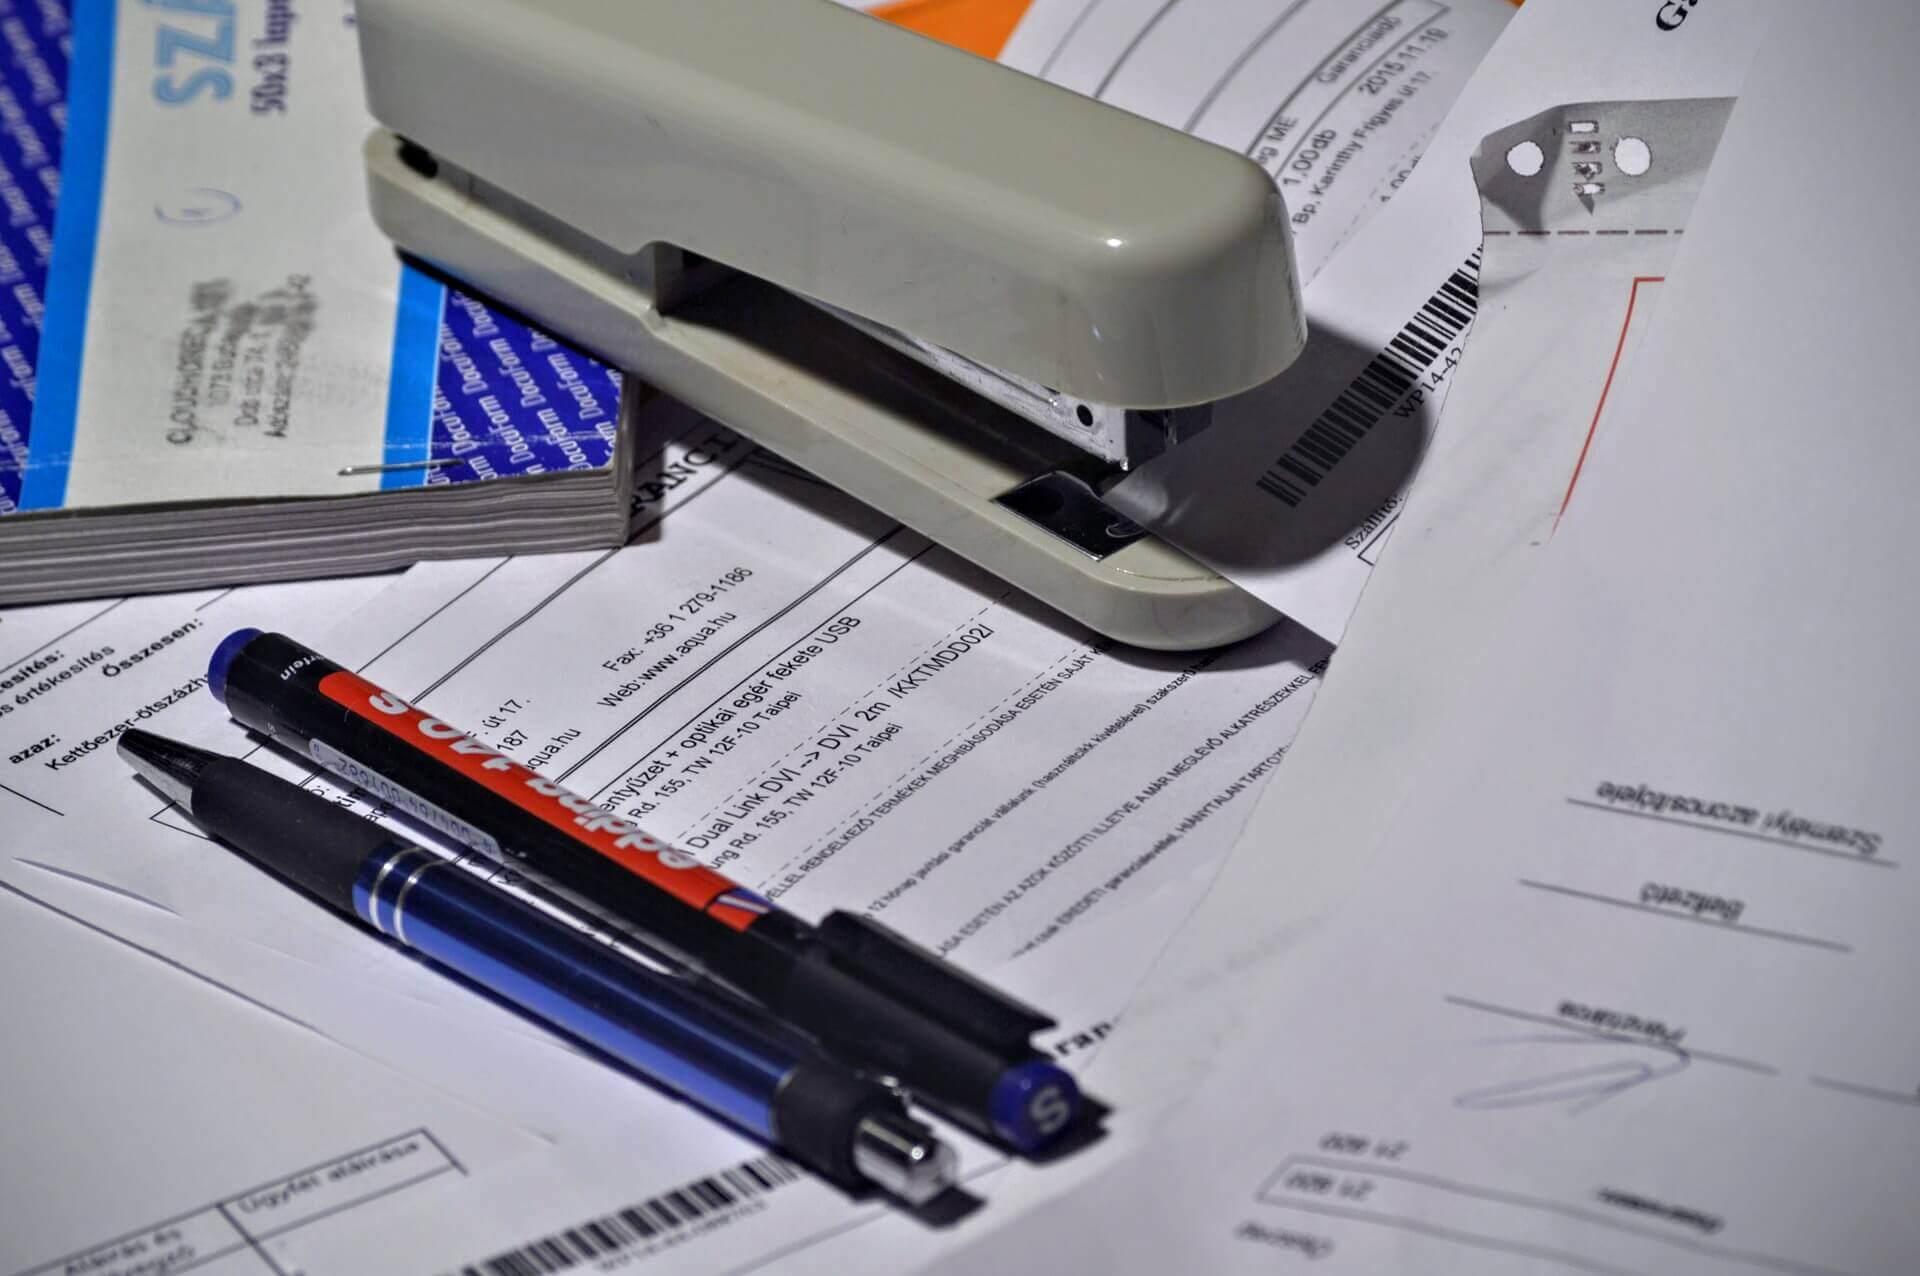 GoBD in der Buchhaltung und steuerliche Behandlung von Rechnungen